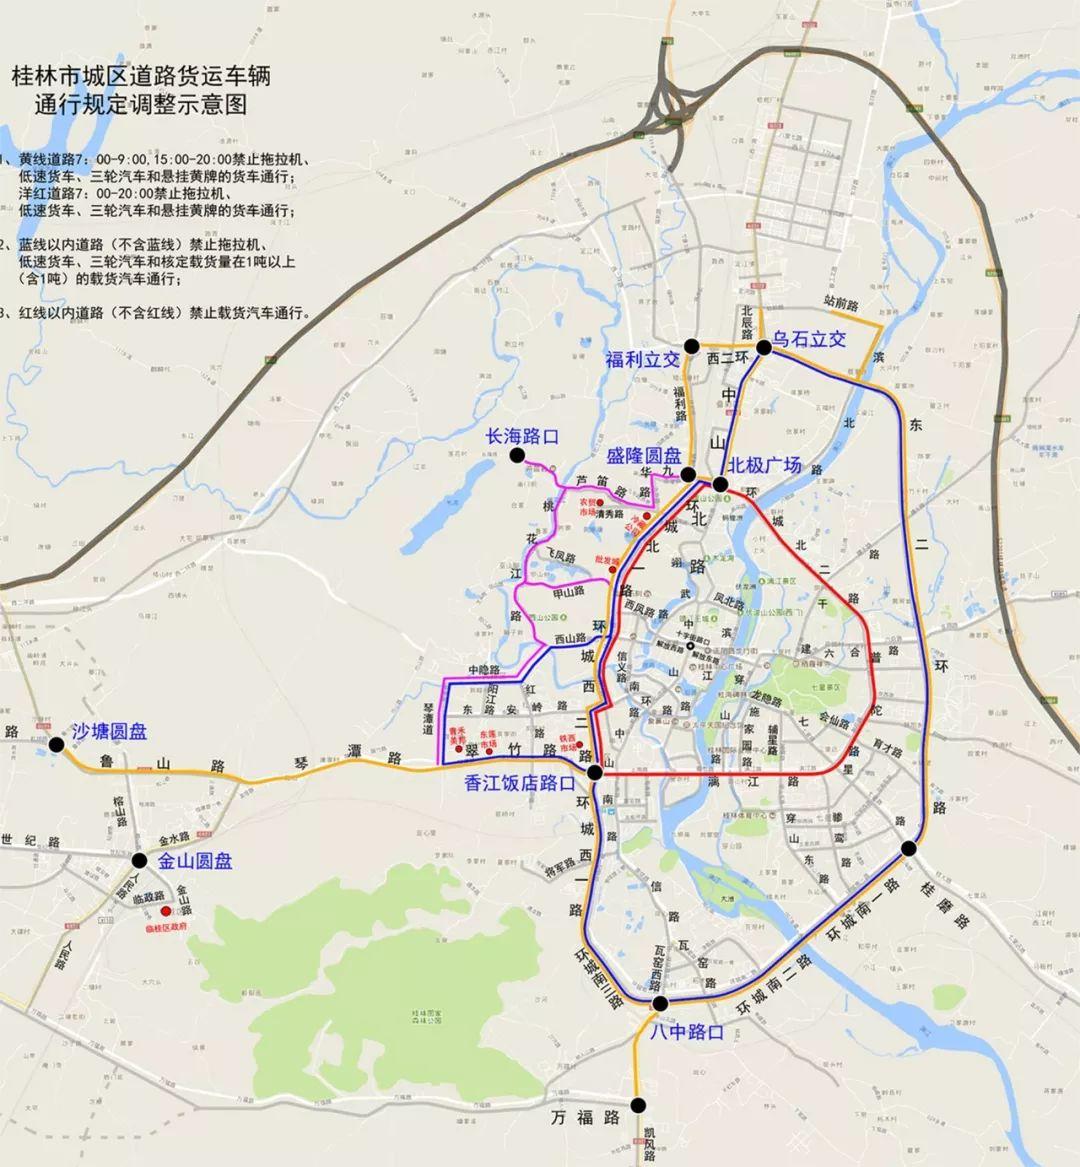 通告 | 关于调整桂林市城区道路过境车辆和货运车辆 通